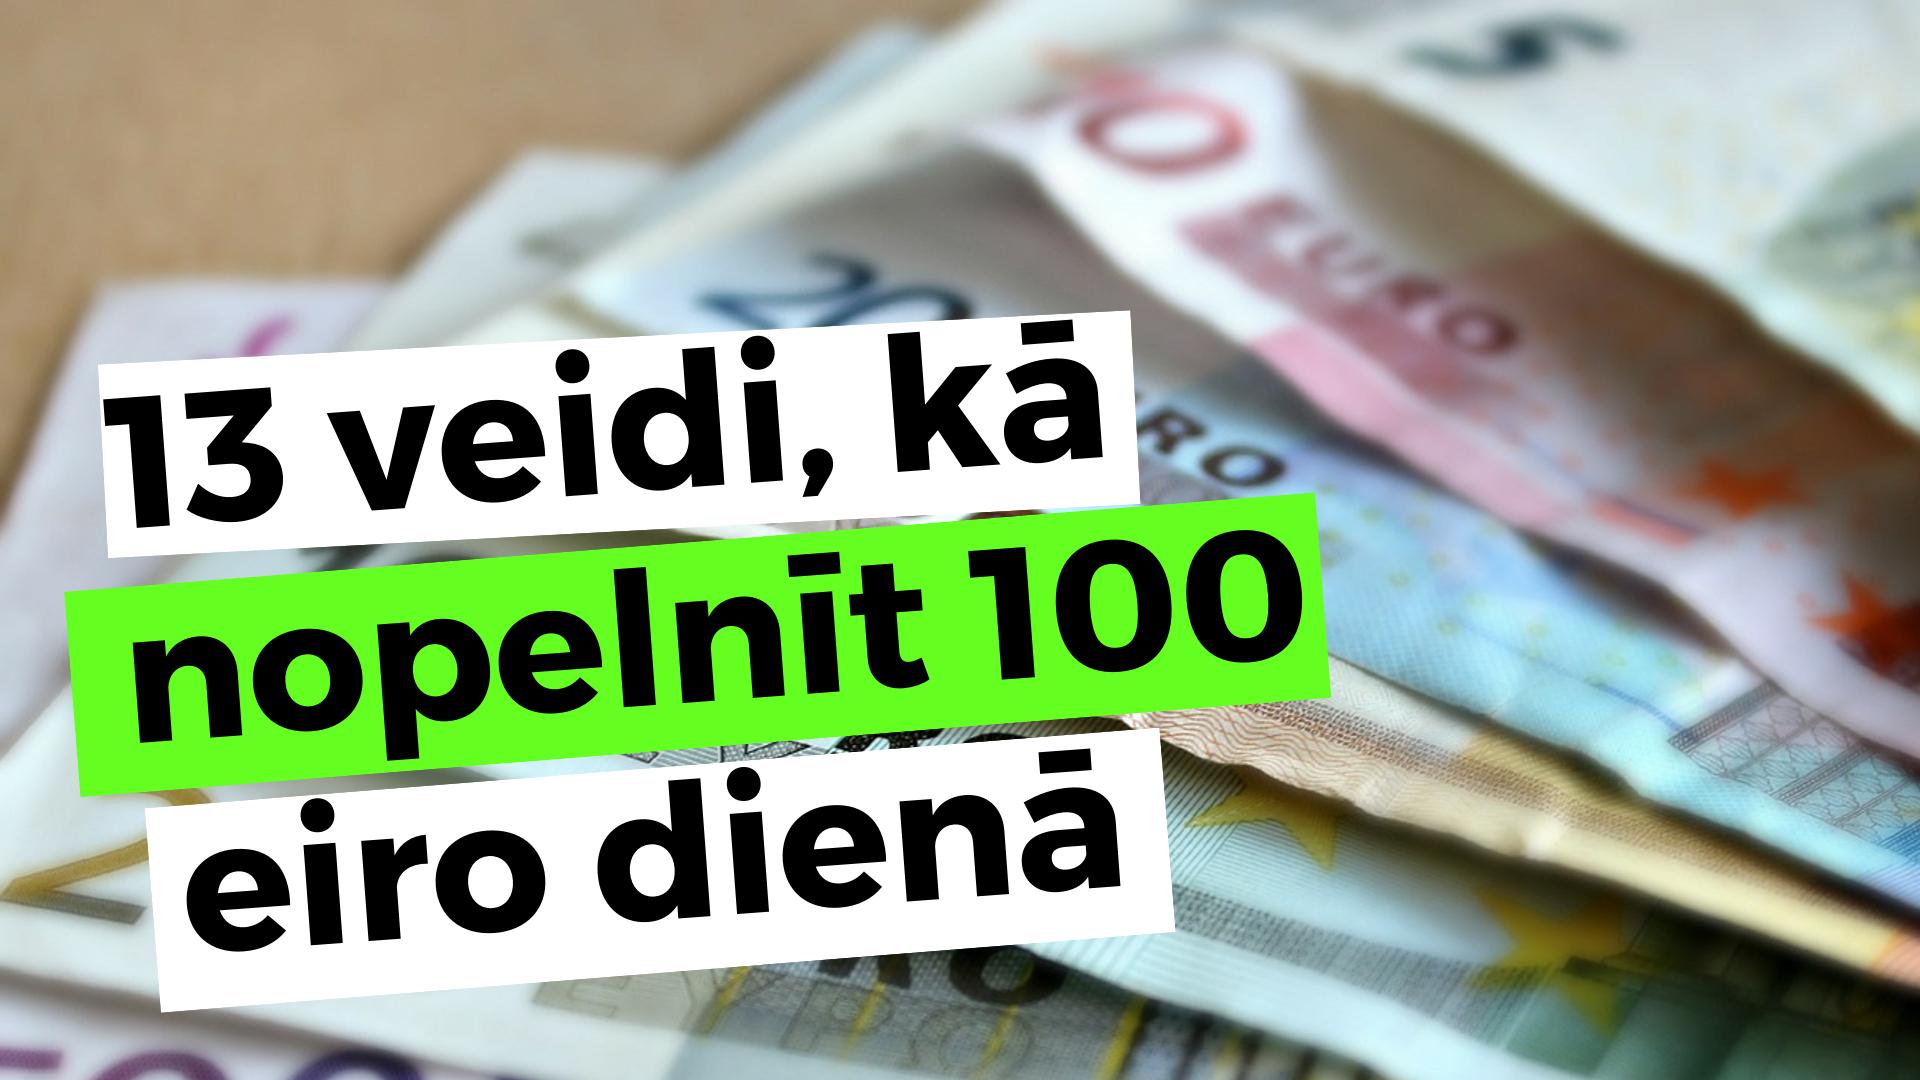 kā viegli nopelnīt daudz naudas)